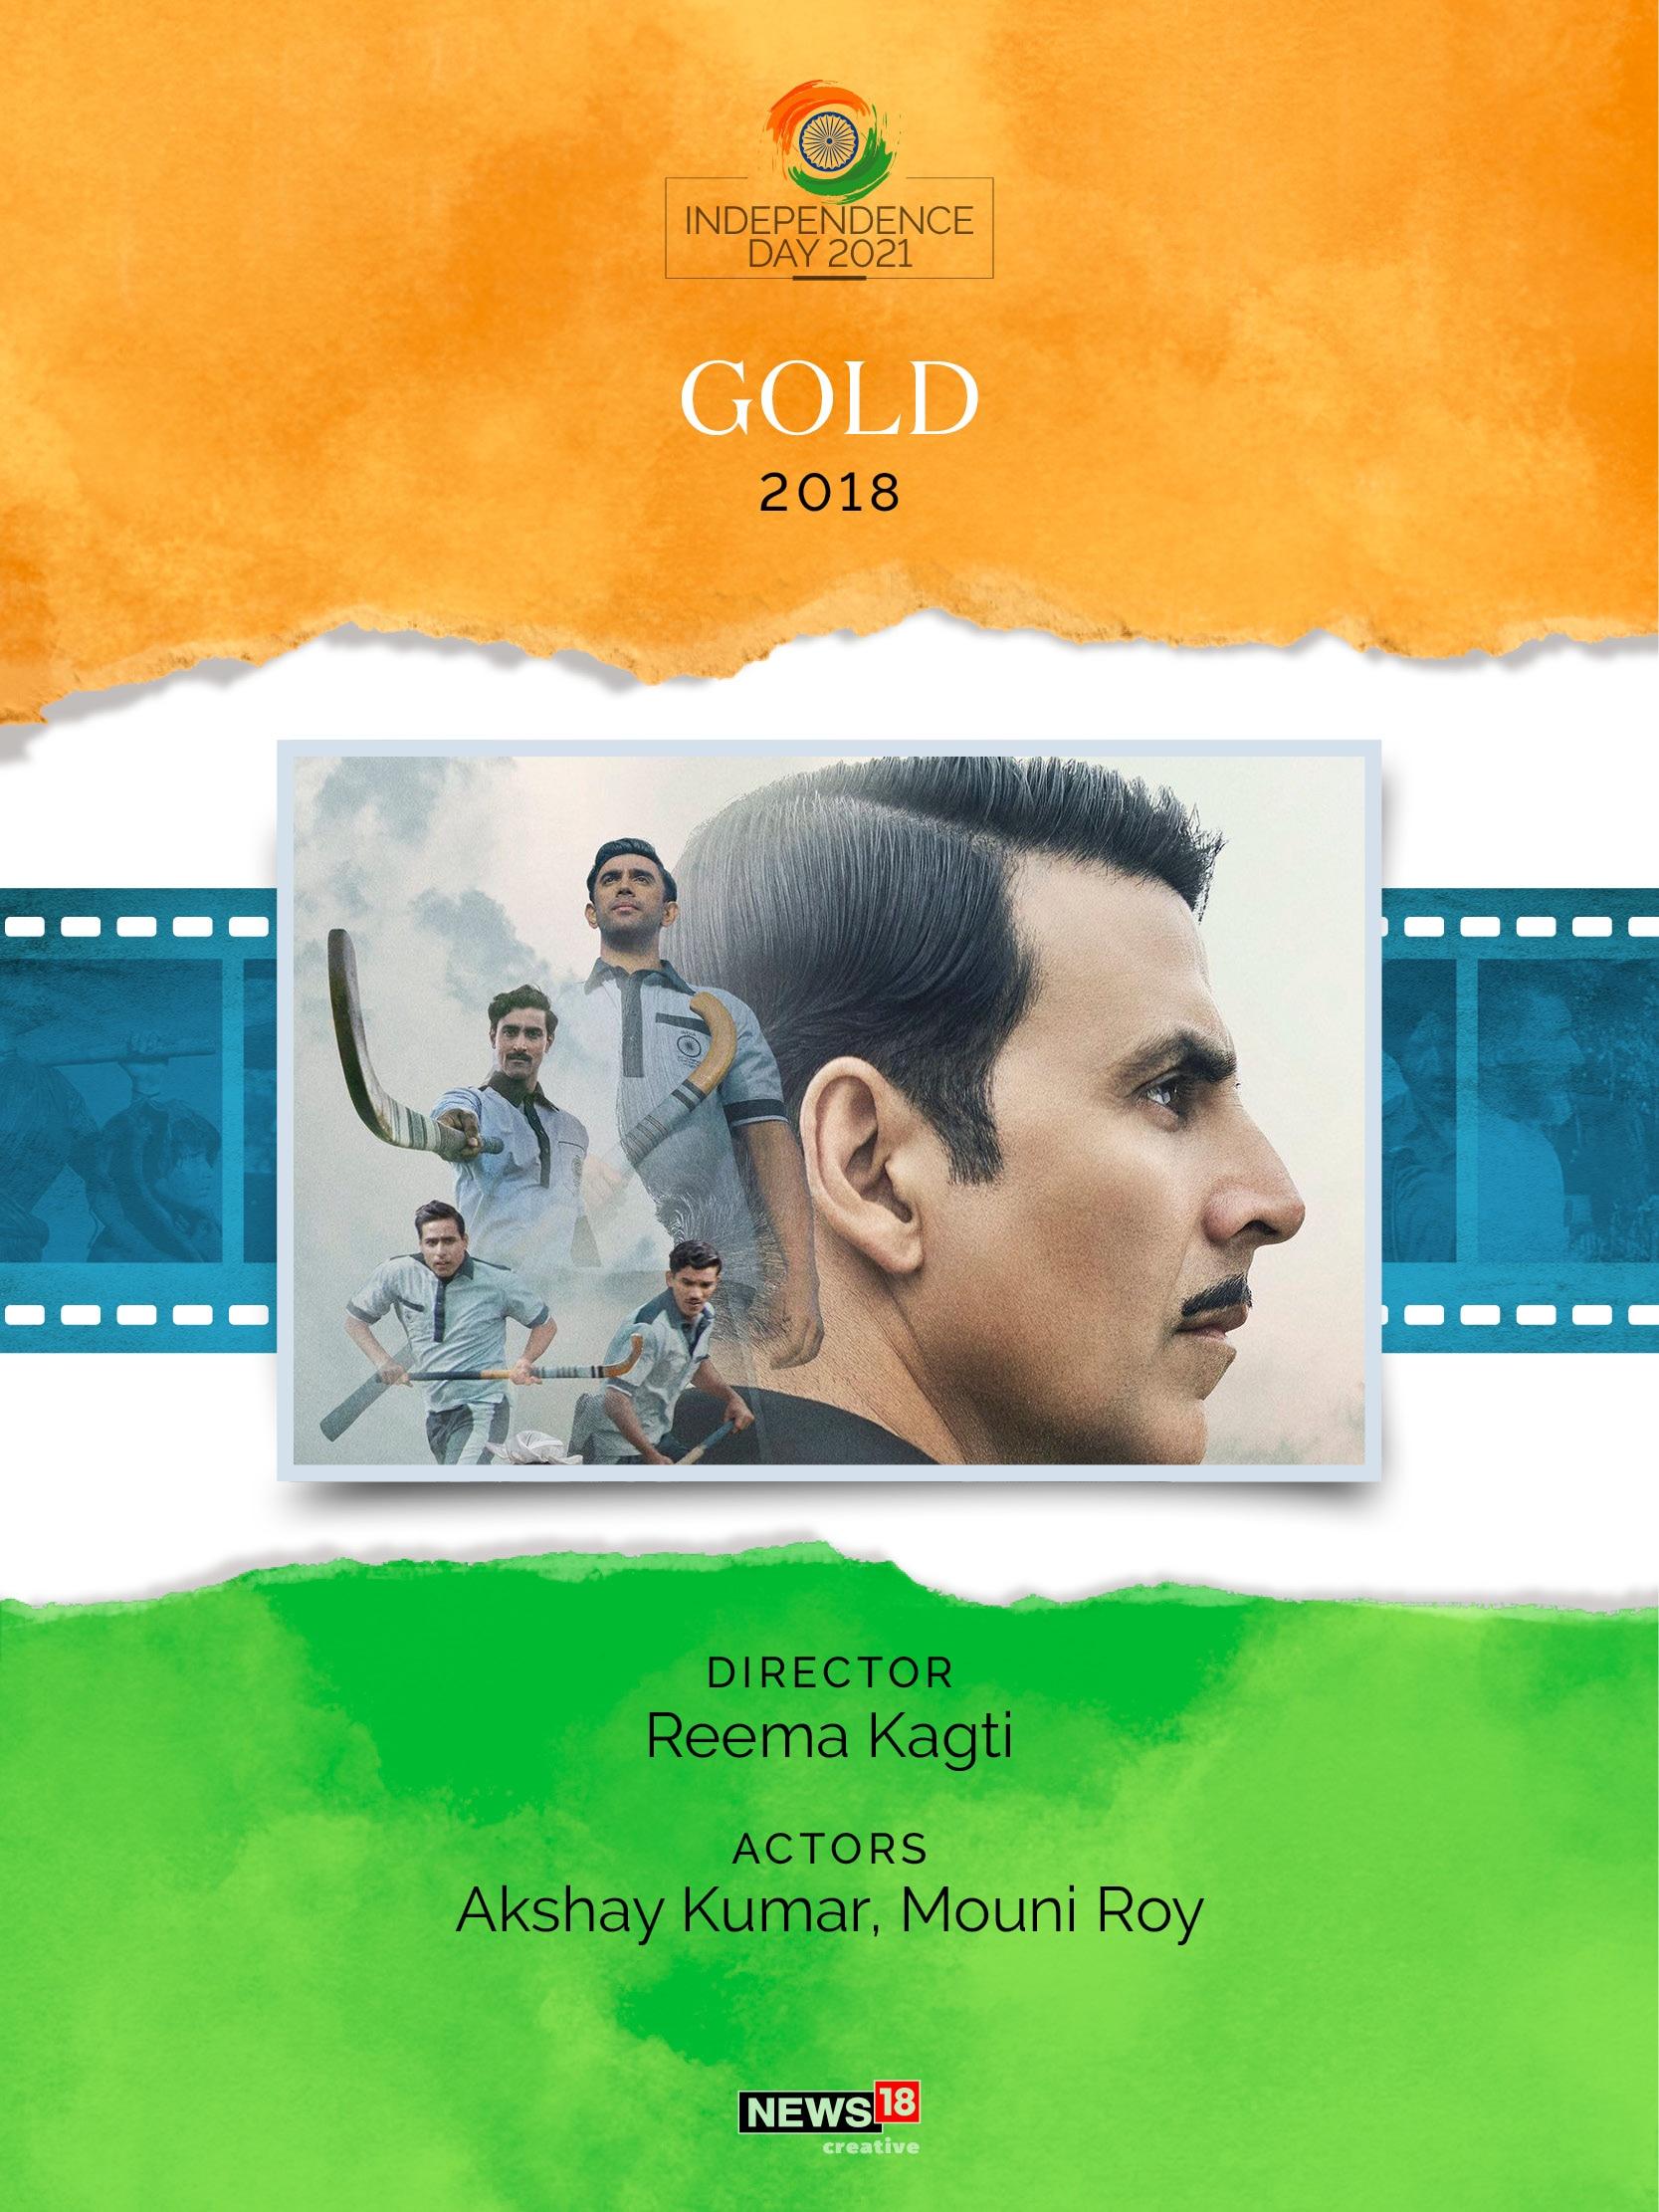 Gold 2018 movie, akshay kumar, india independence day news, india news, independence day news, bollywood movies independence day, independence day movies, india patriotic films list, list of bollywood movies on independence day of india